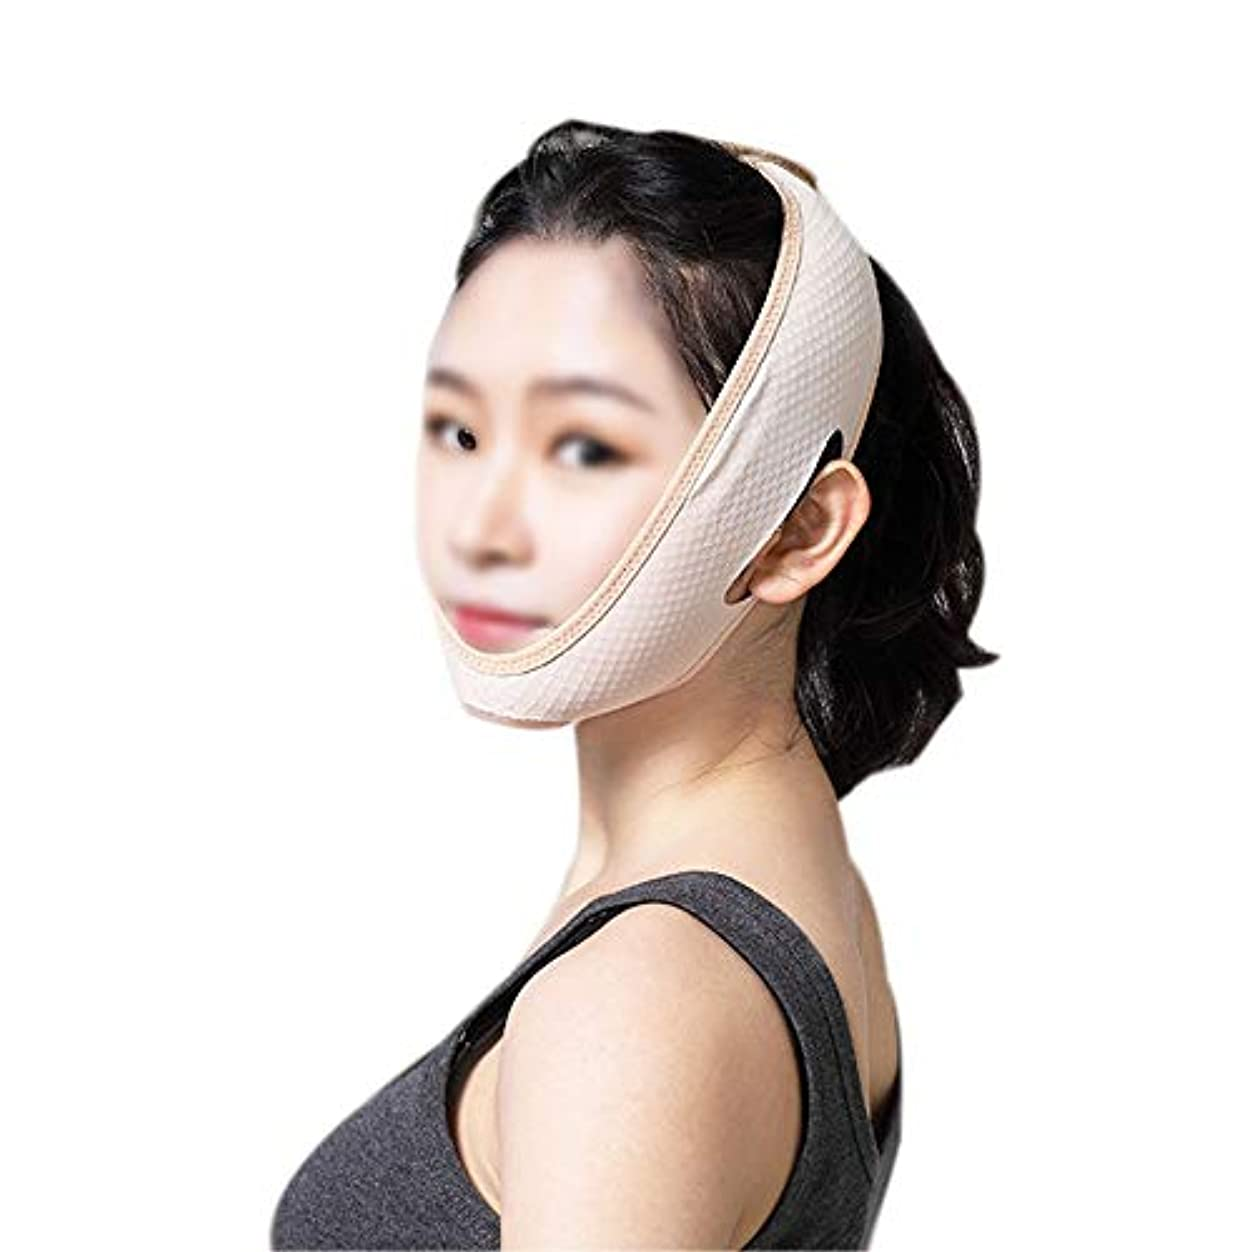 道路を作るプロセス運営タクシーGLJJQMY フェイスリフティング包帯睡眠薄いフェイスマスクは肌を引き締め、二重あごのマスクを減らす 顔用整形マスク